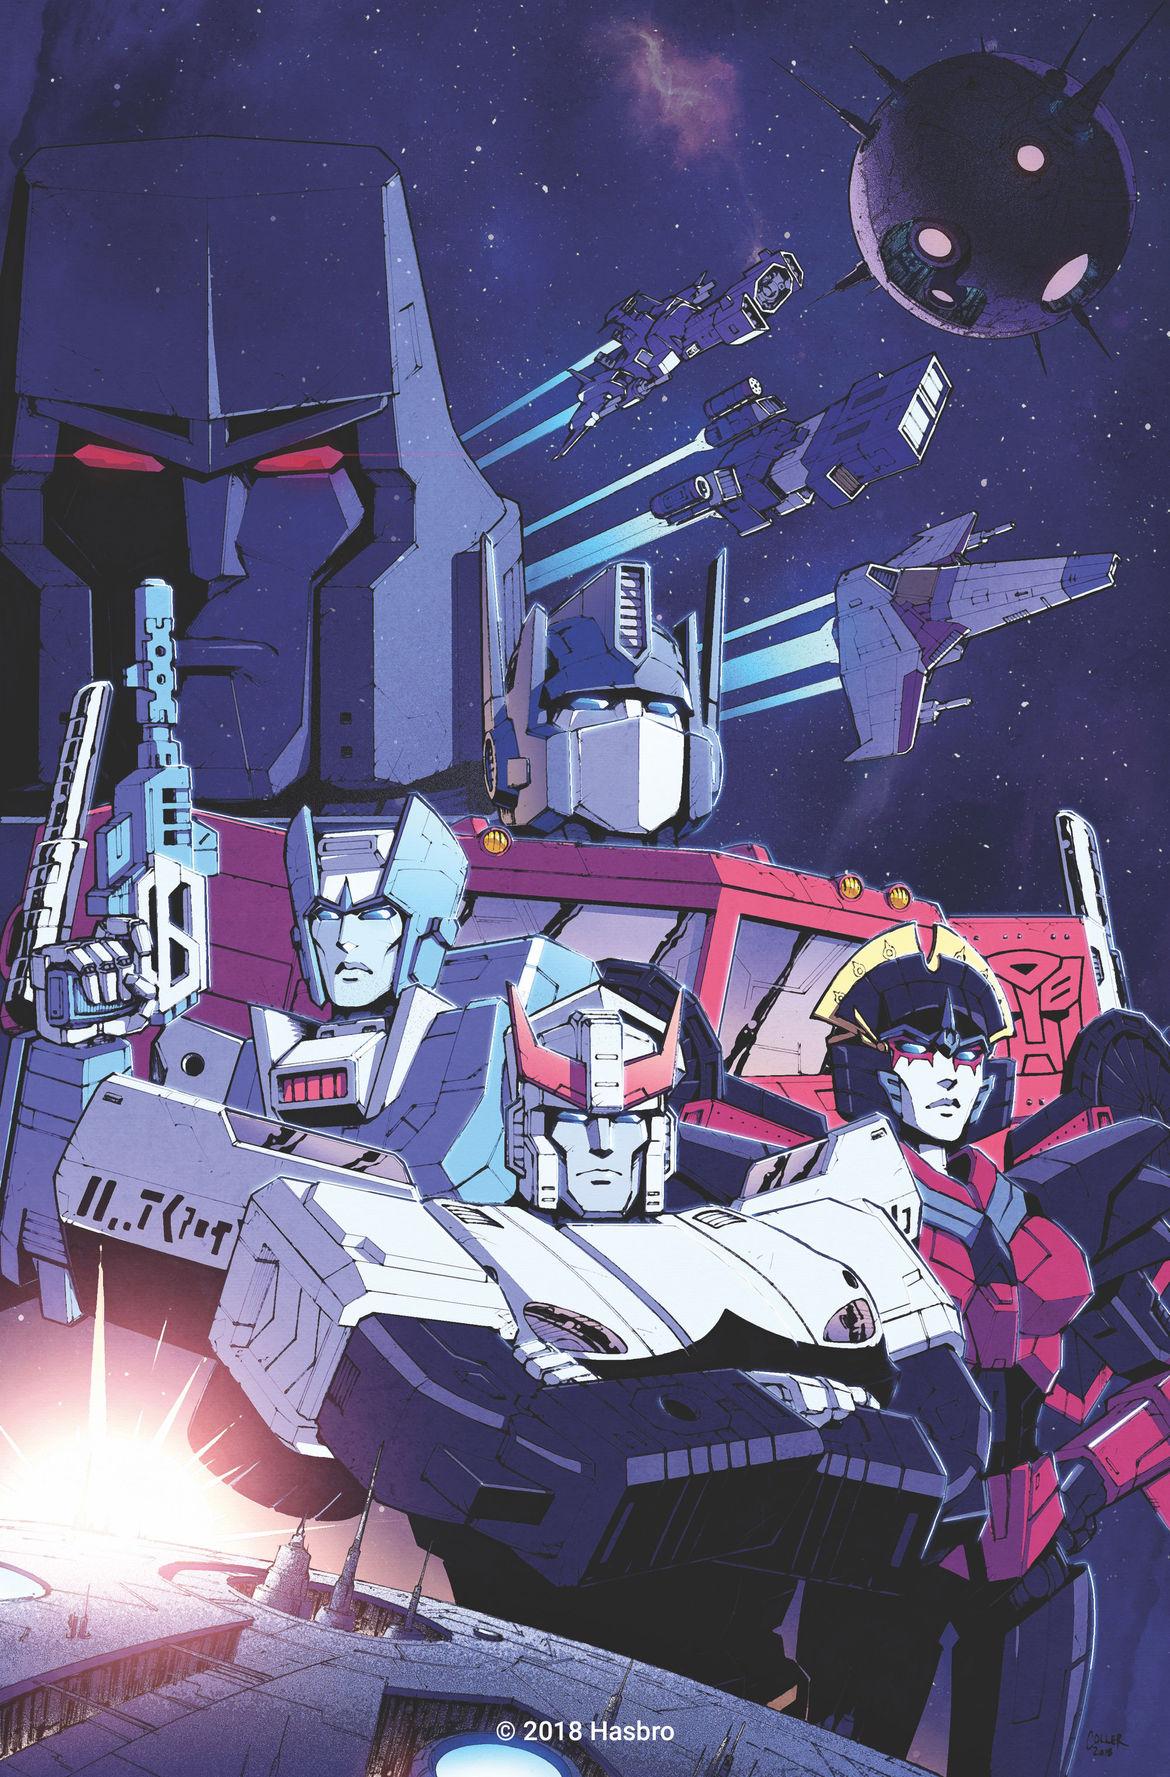 TransformersCaseyCollerJoshBurchamVariant.jpg